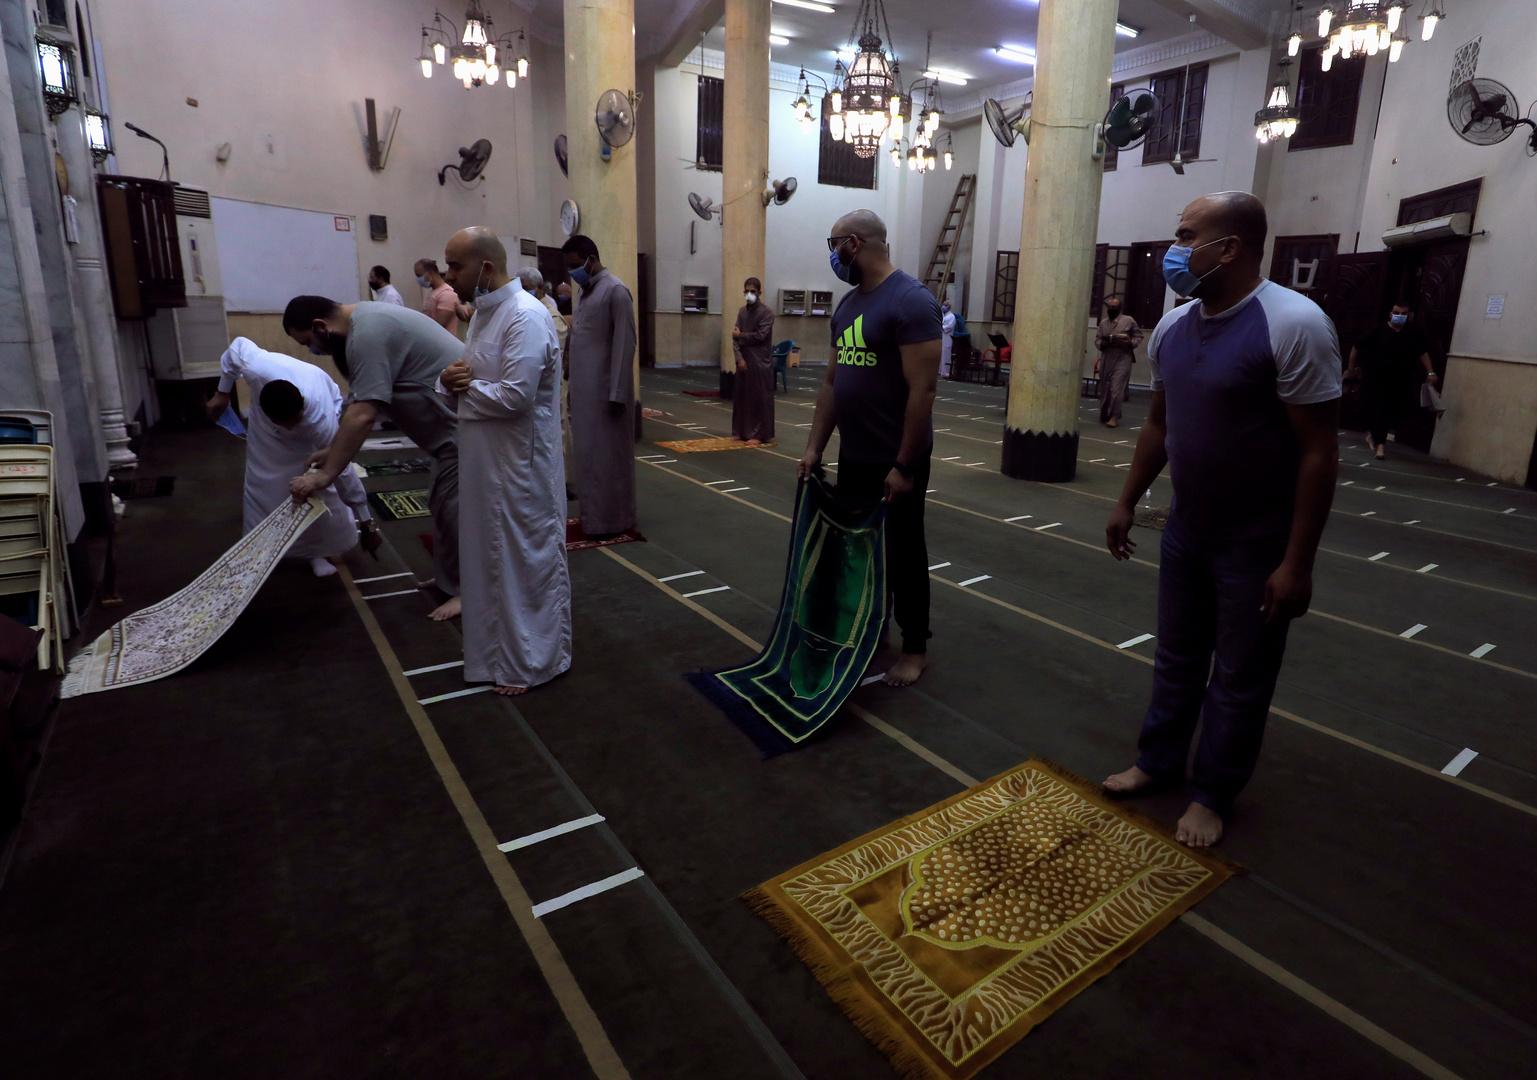 الأوقاف المصرية تؤكد غلق مساجد البلاد اليوم الجمعة باستثناء مسجد واحد